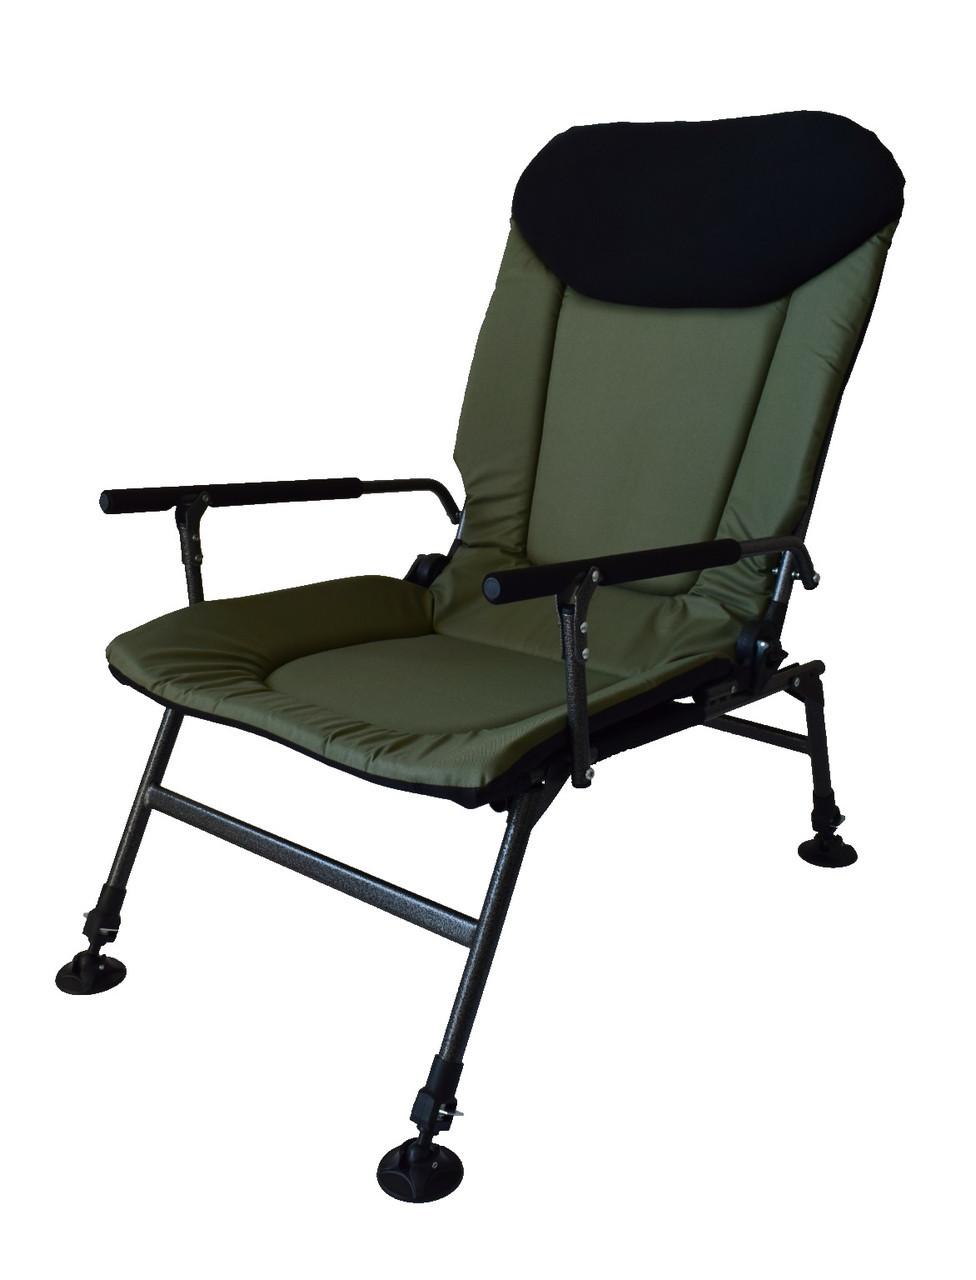 Крісло риболовне коропове Vario Carp XL